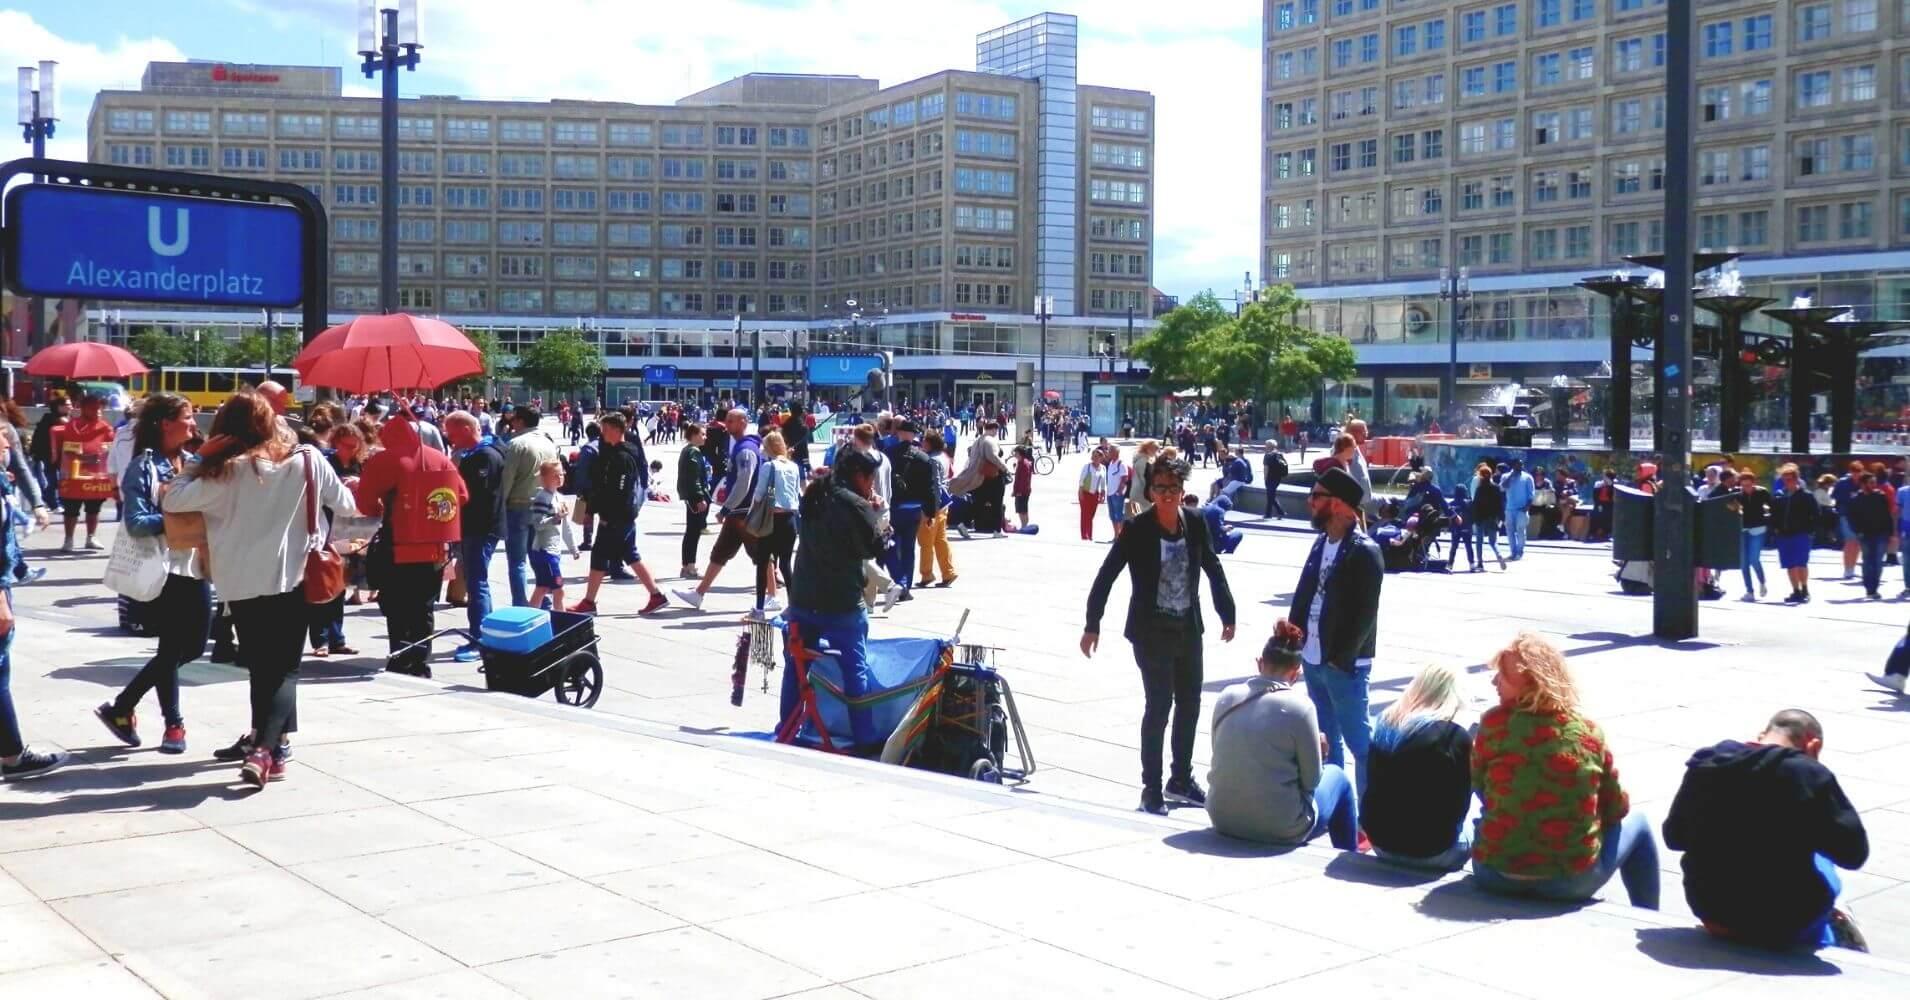 Alexander Platz, Berlín. Alemania.